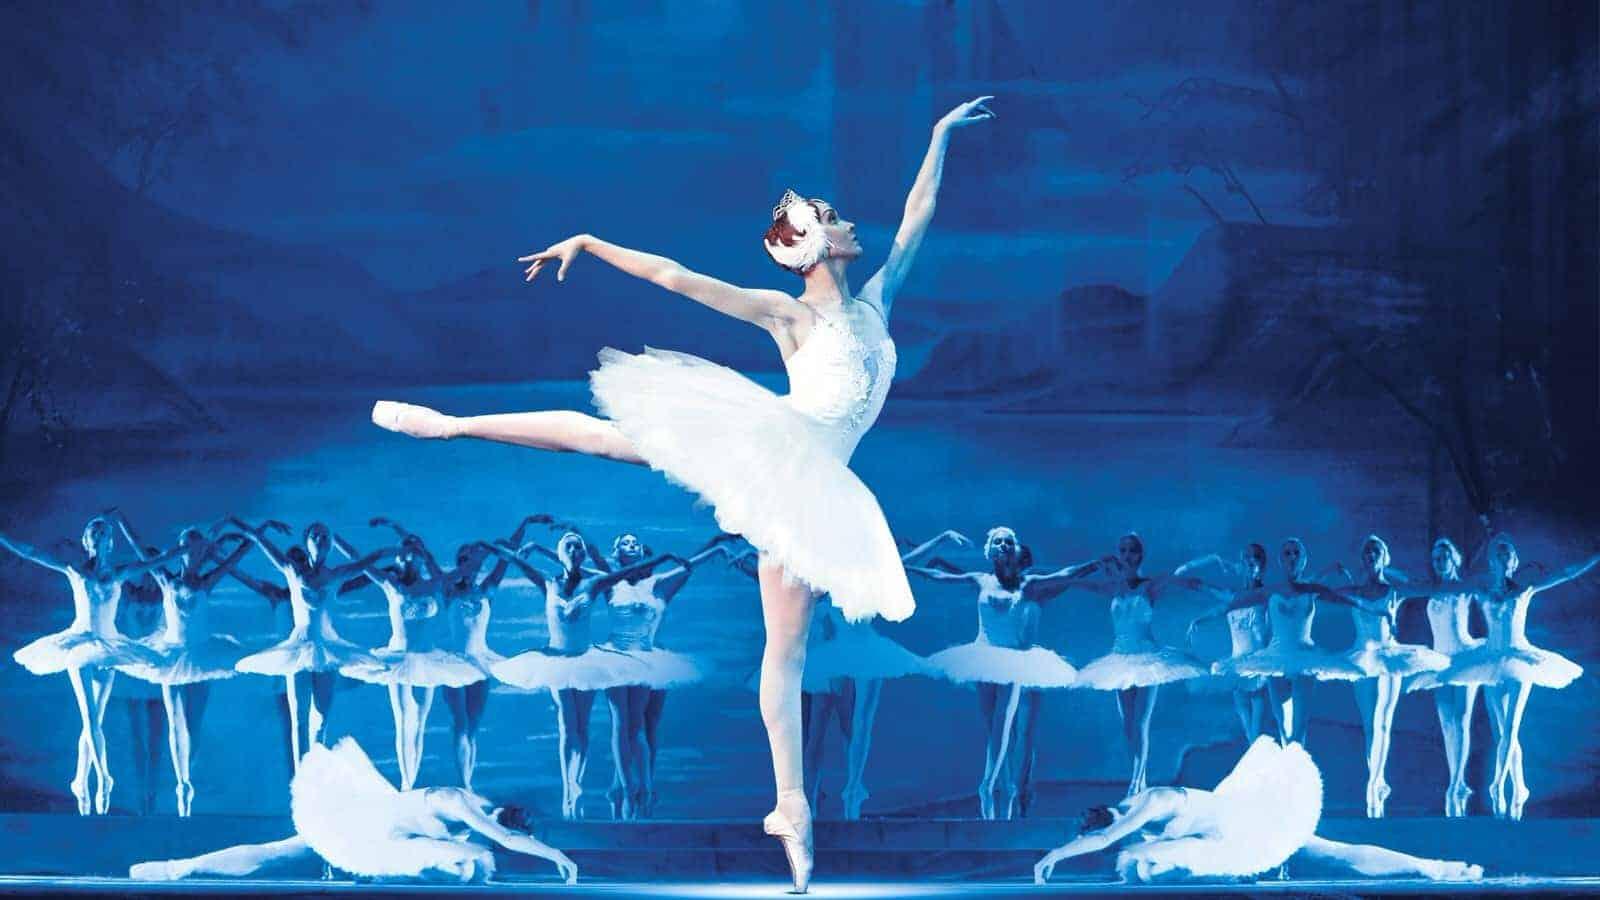 Иммерсивный балет Лебединое озеро. Мультивселенная в Москве